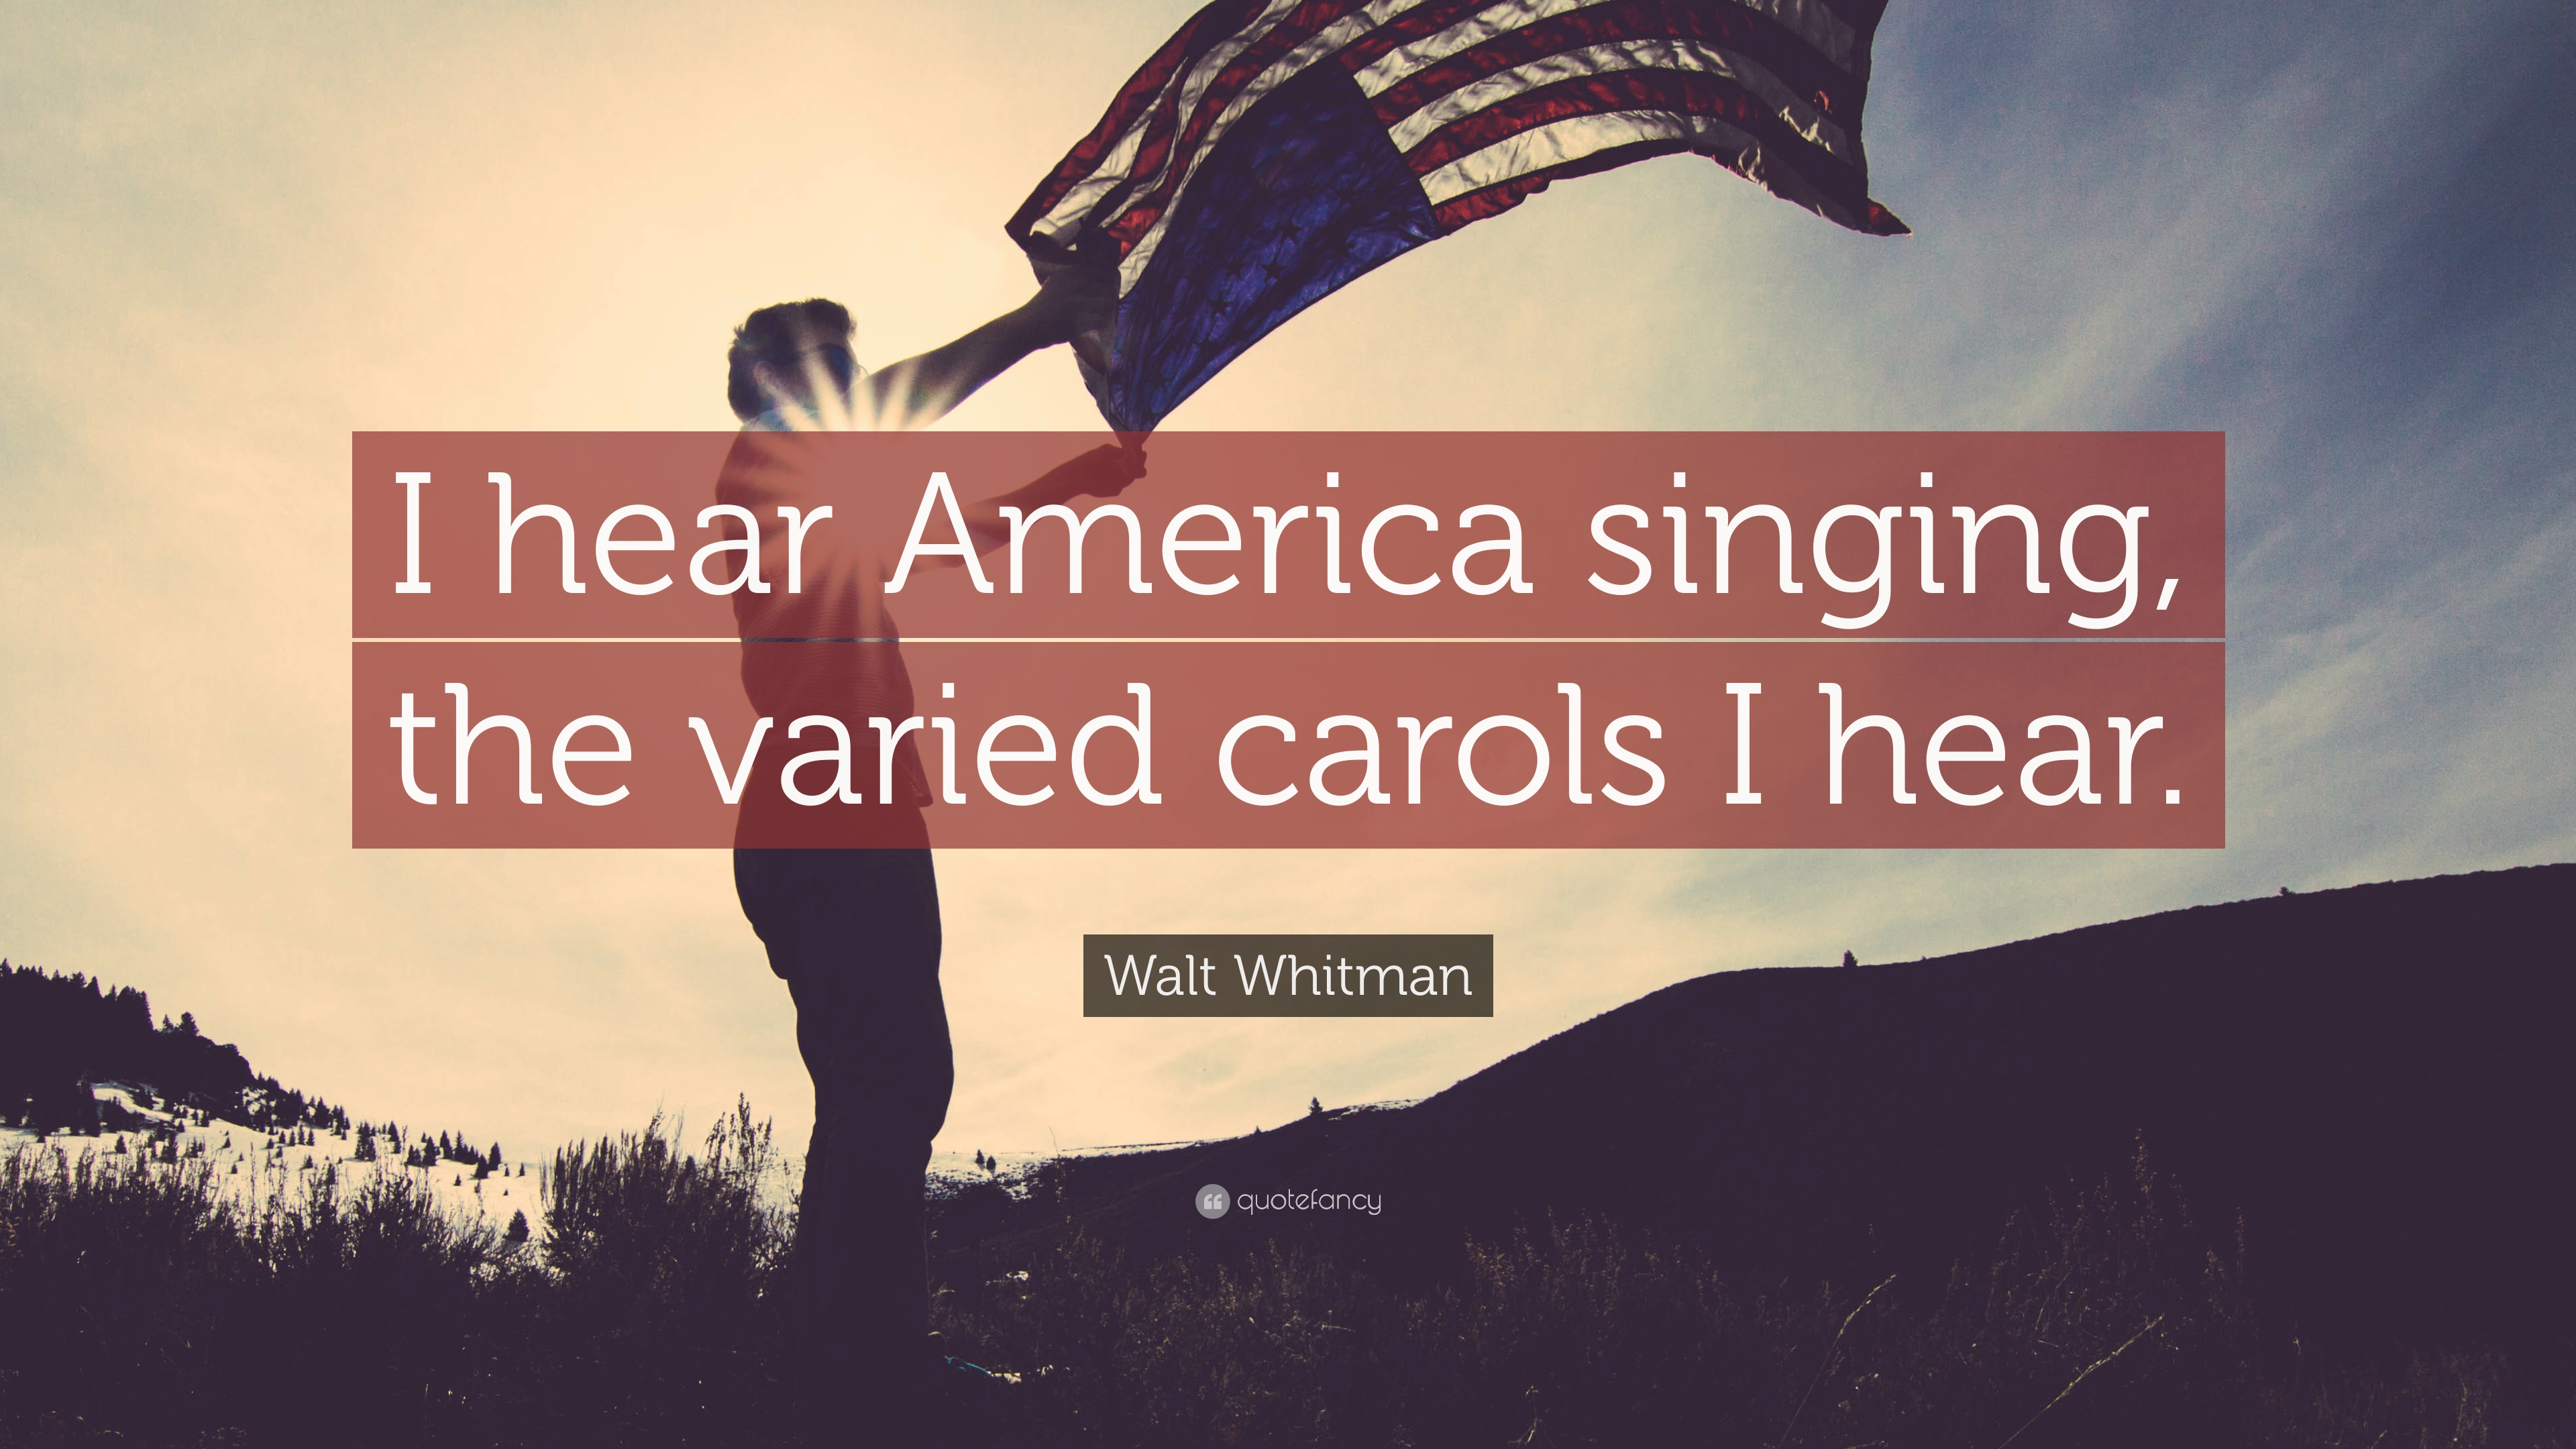 Walt whitman i hear america singing essay